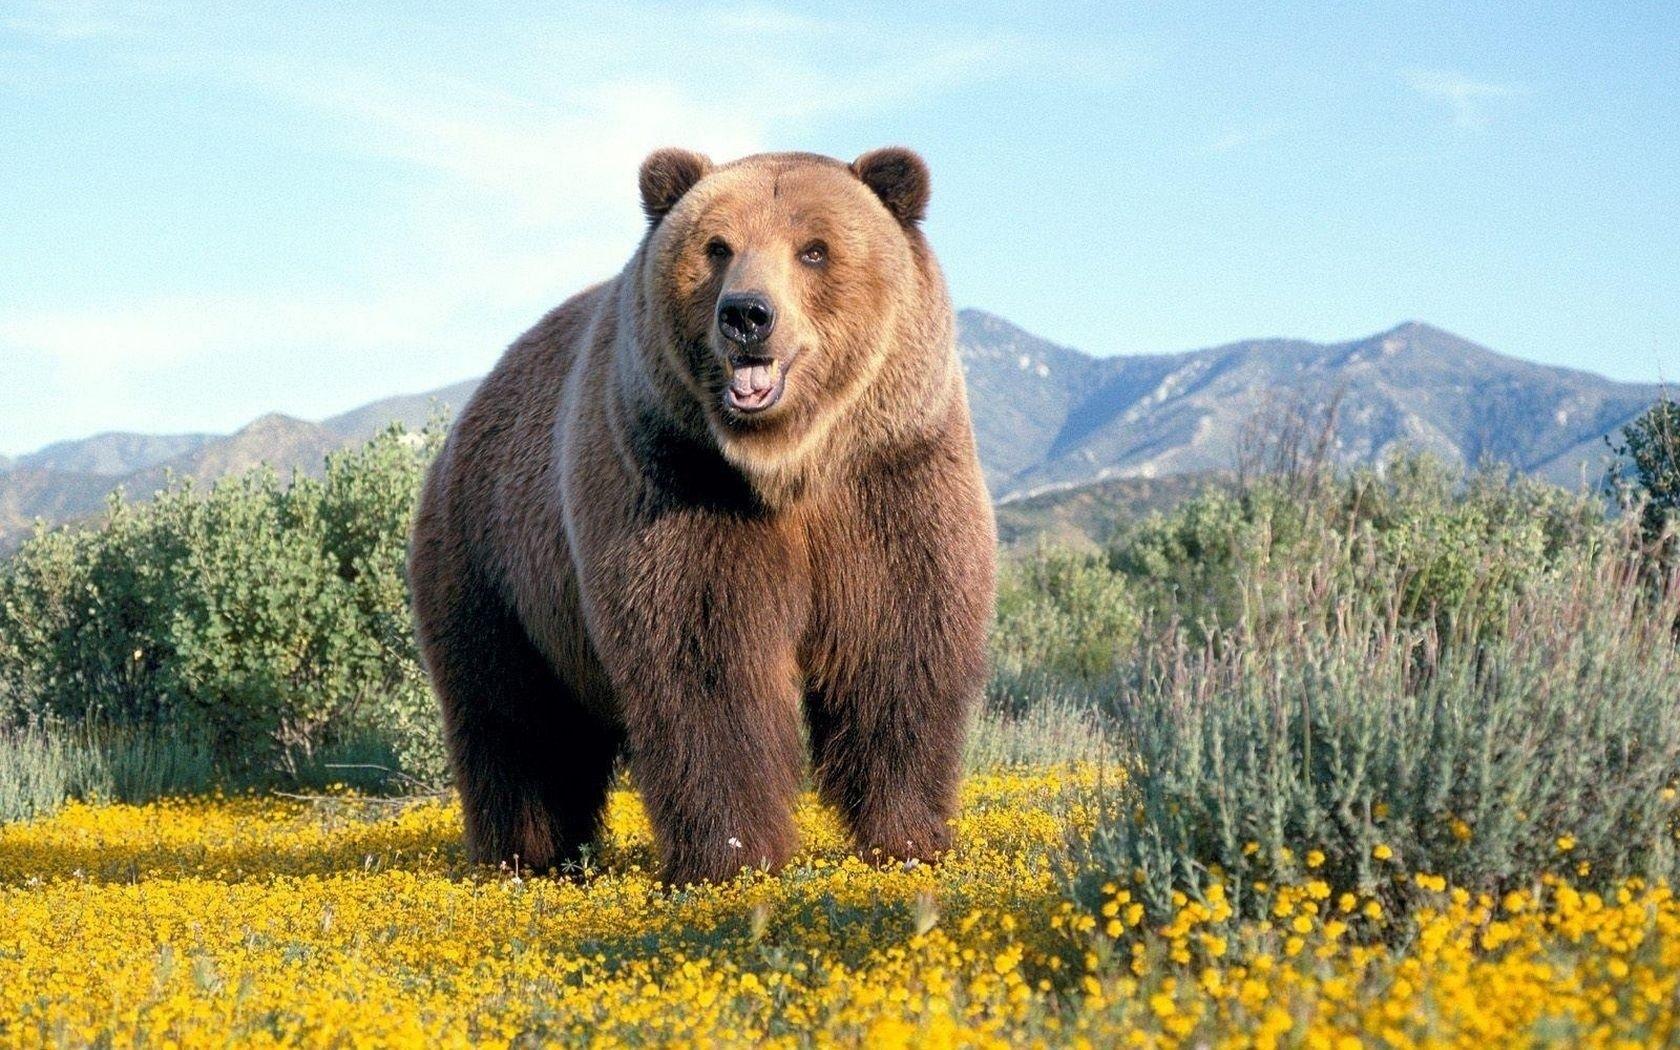 nature-animals-wildlife-bears-fresh-new-hd-wallpaper (1680×1050